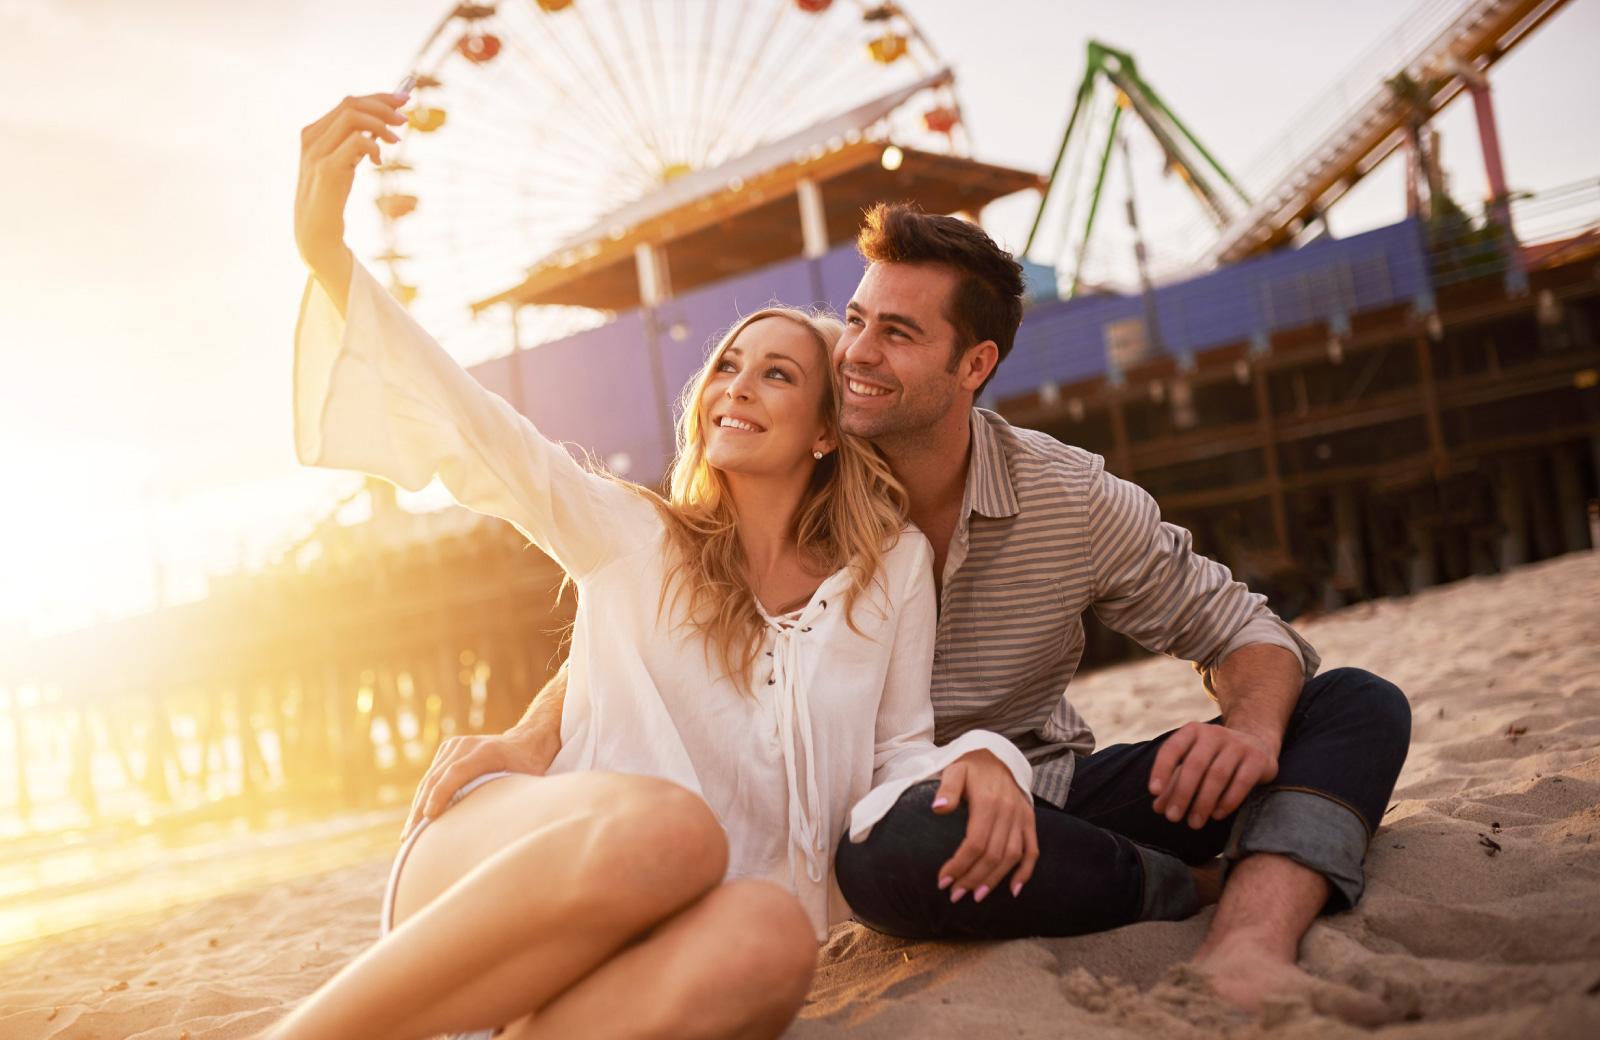 couple taking a selfie at the santa monica beach